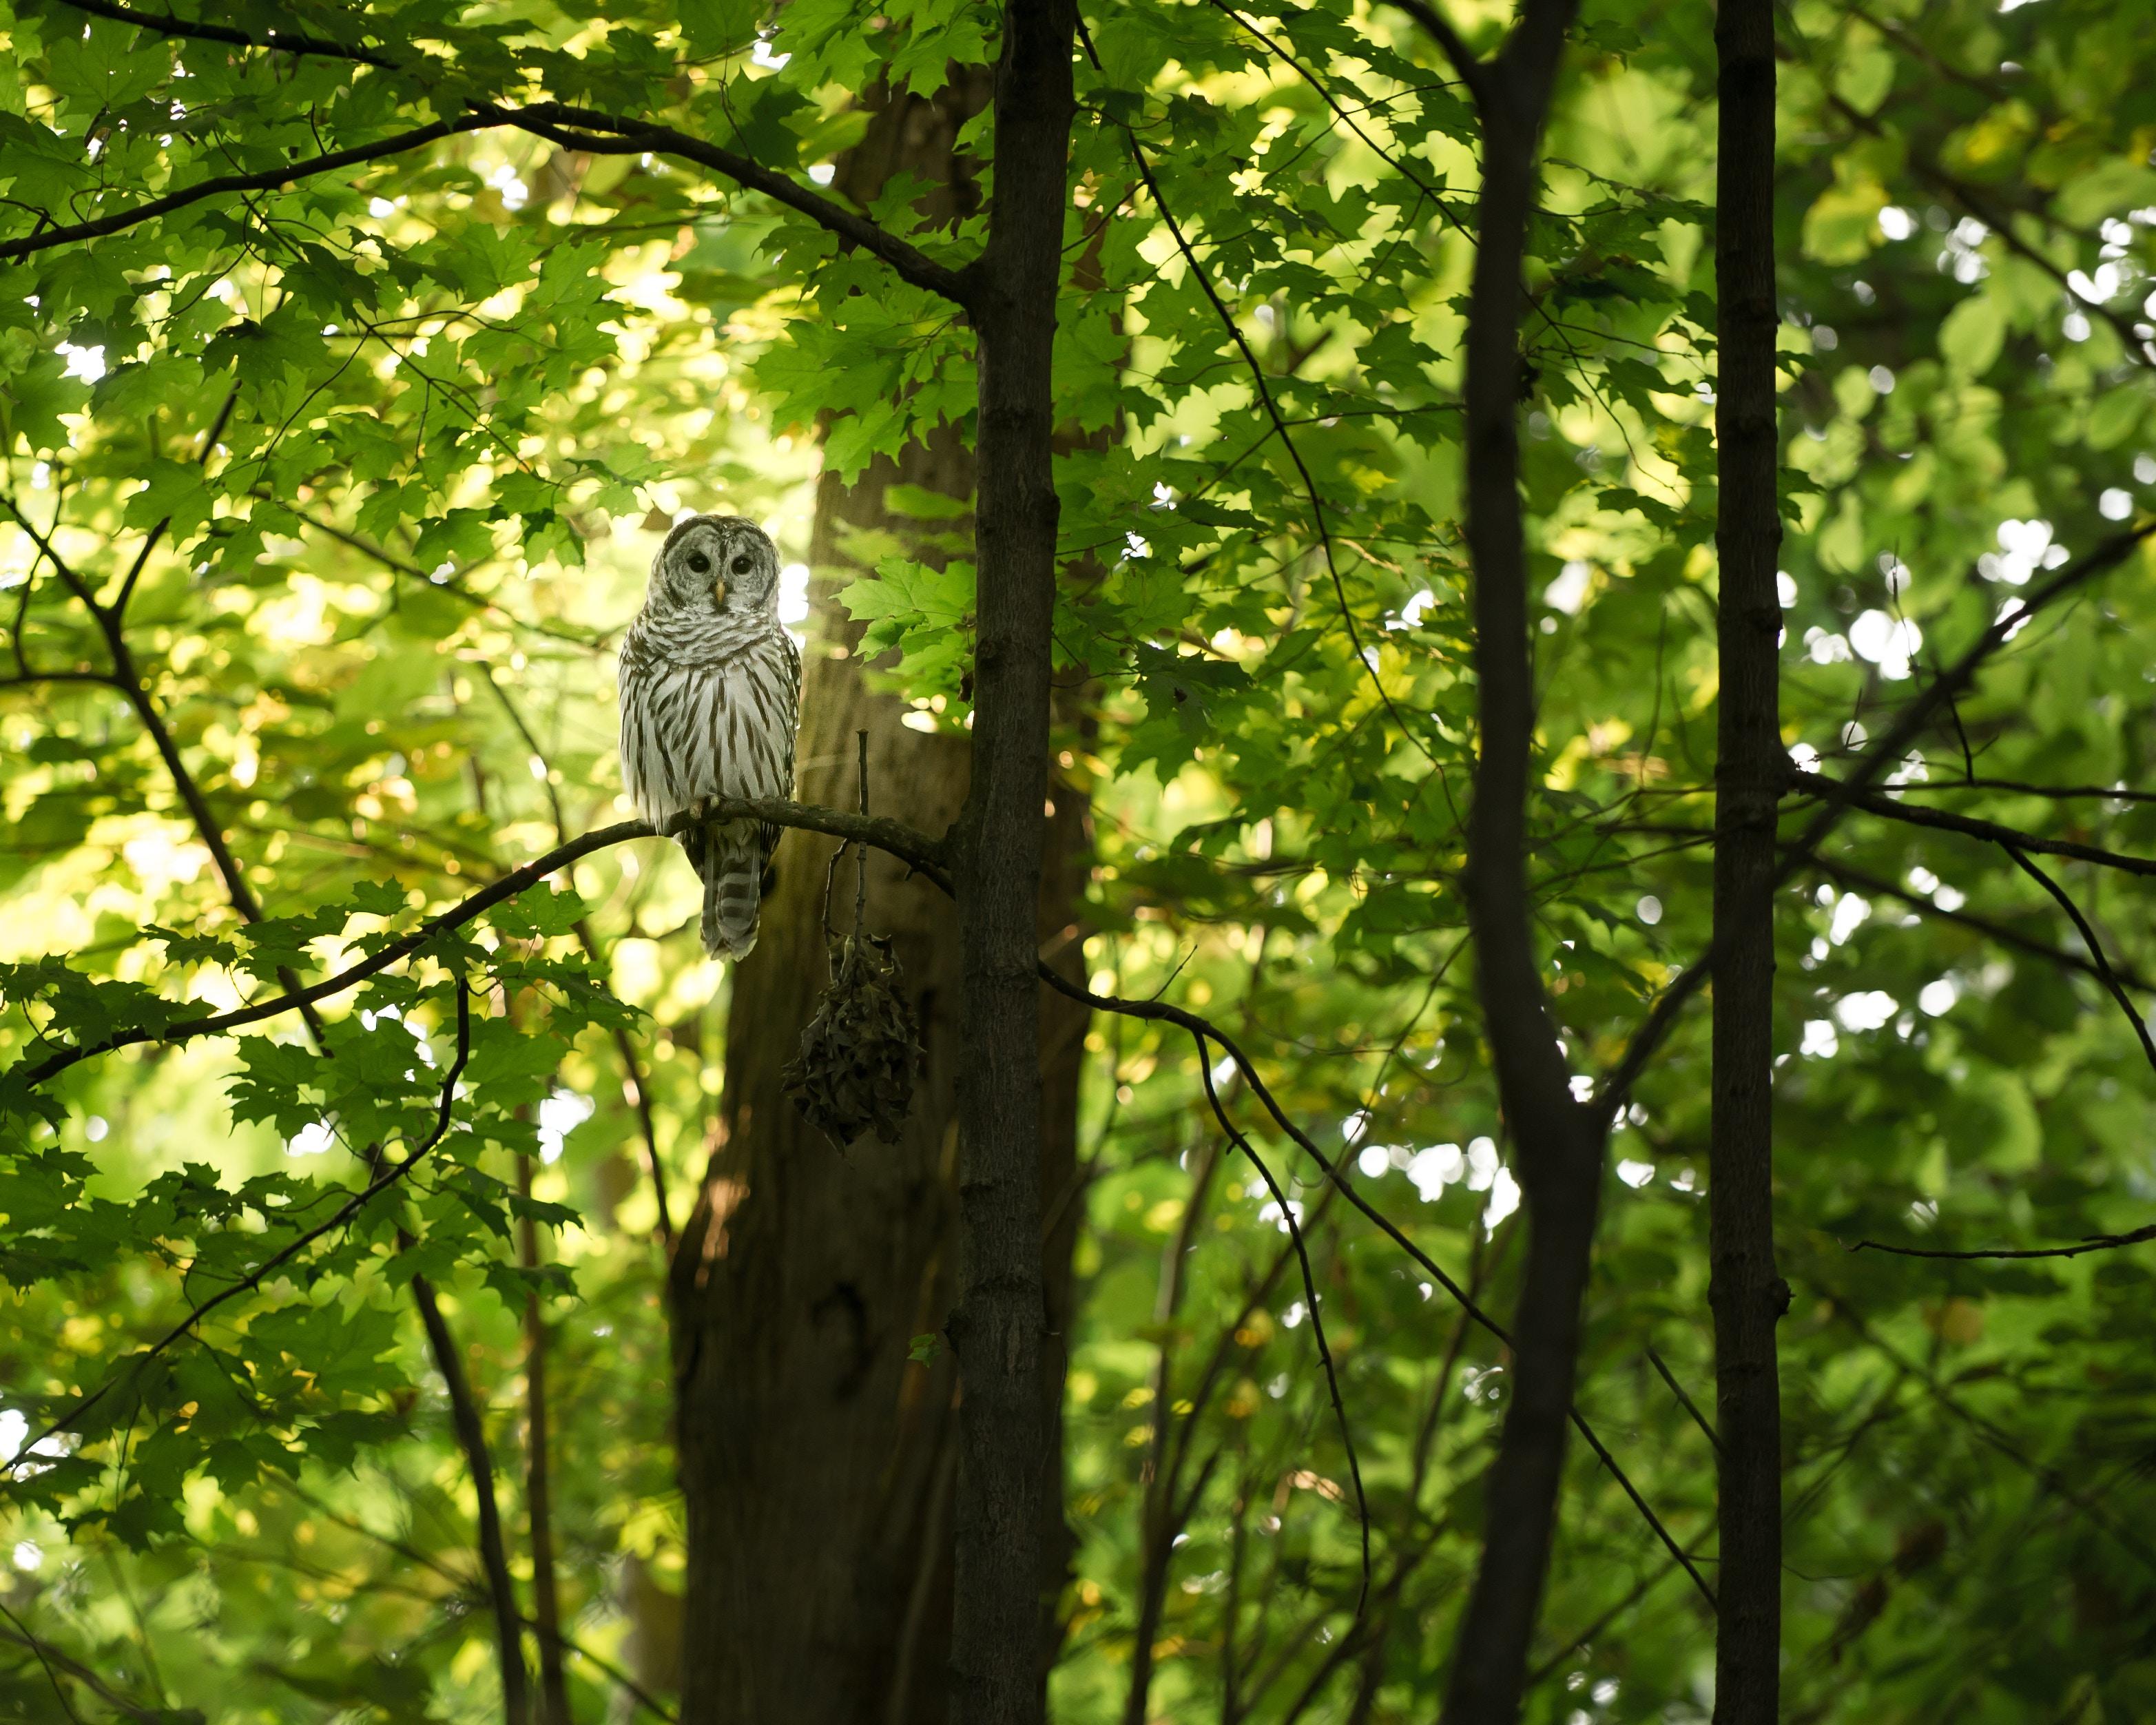 owls-belong-forest